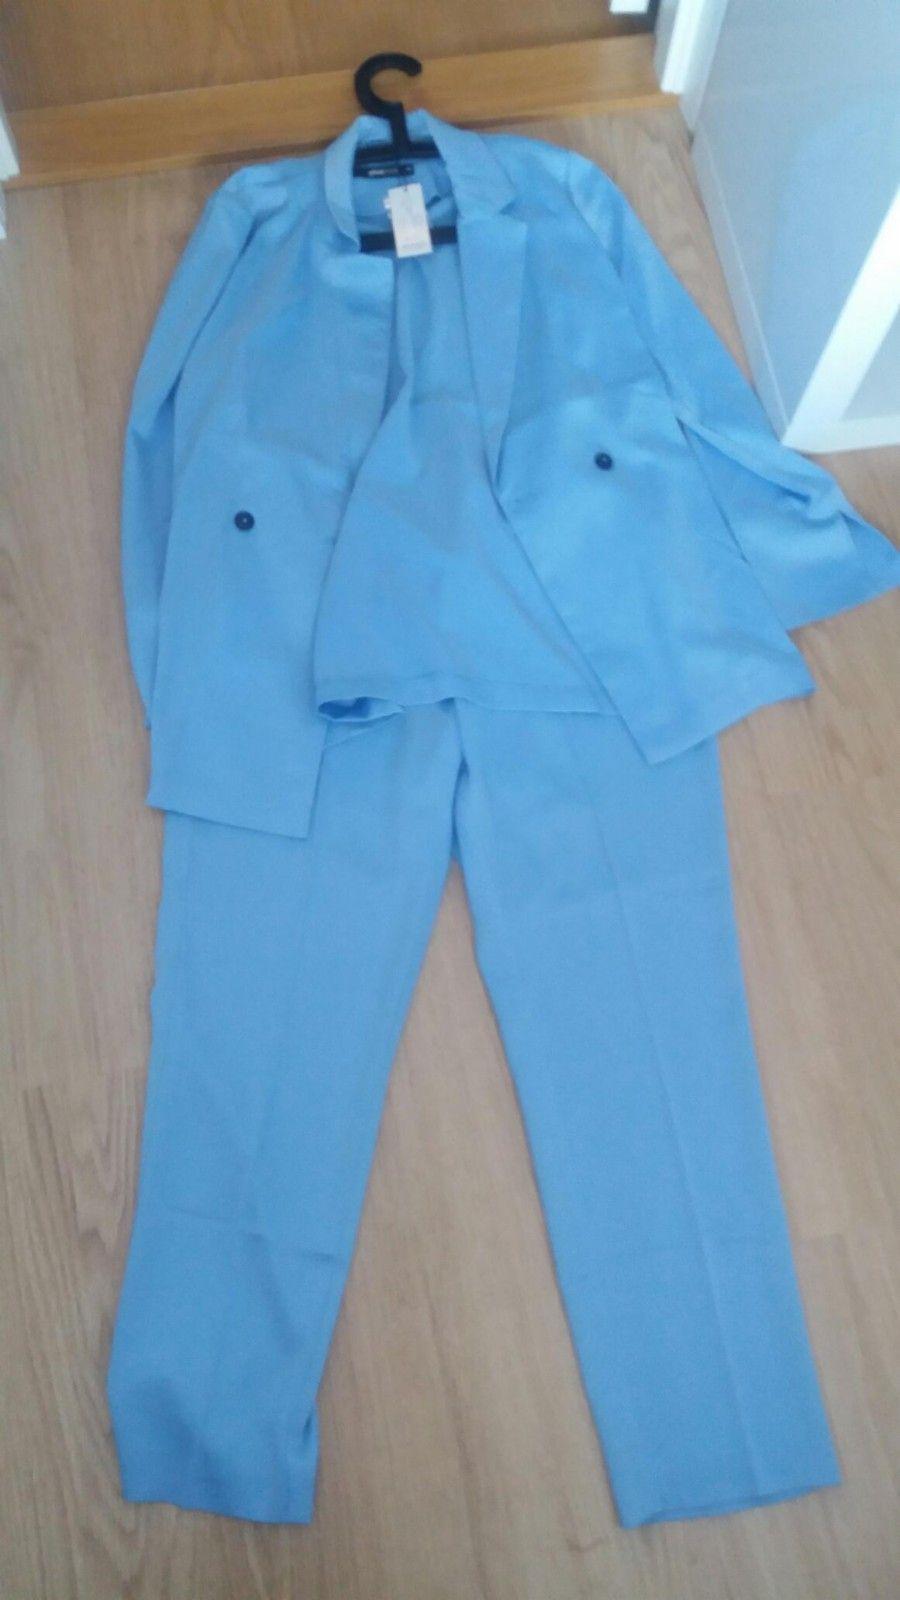 Dress fra Gina Tricot - Vikersund - Silkemykt sett med blazer og dressbukse  fra Gina Tricot 3d203e94ab4b1